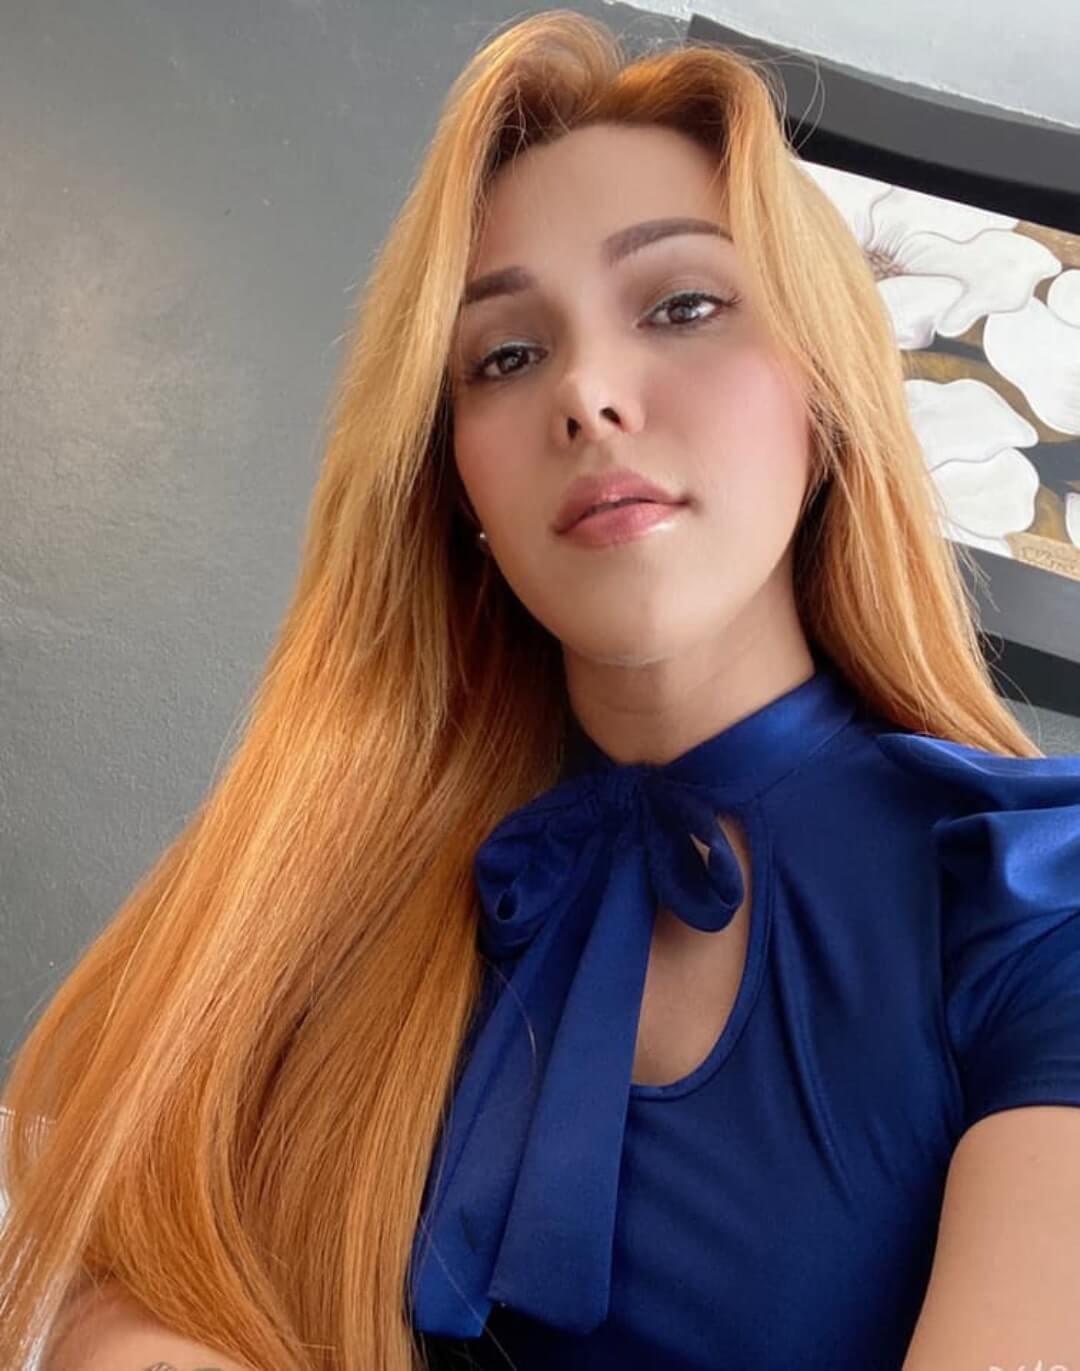 México: Ximena Figueroa es la primera mujer trans en optar a un cargo público en el país